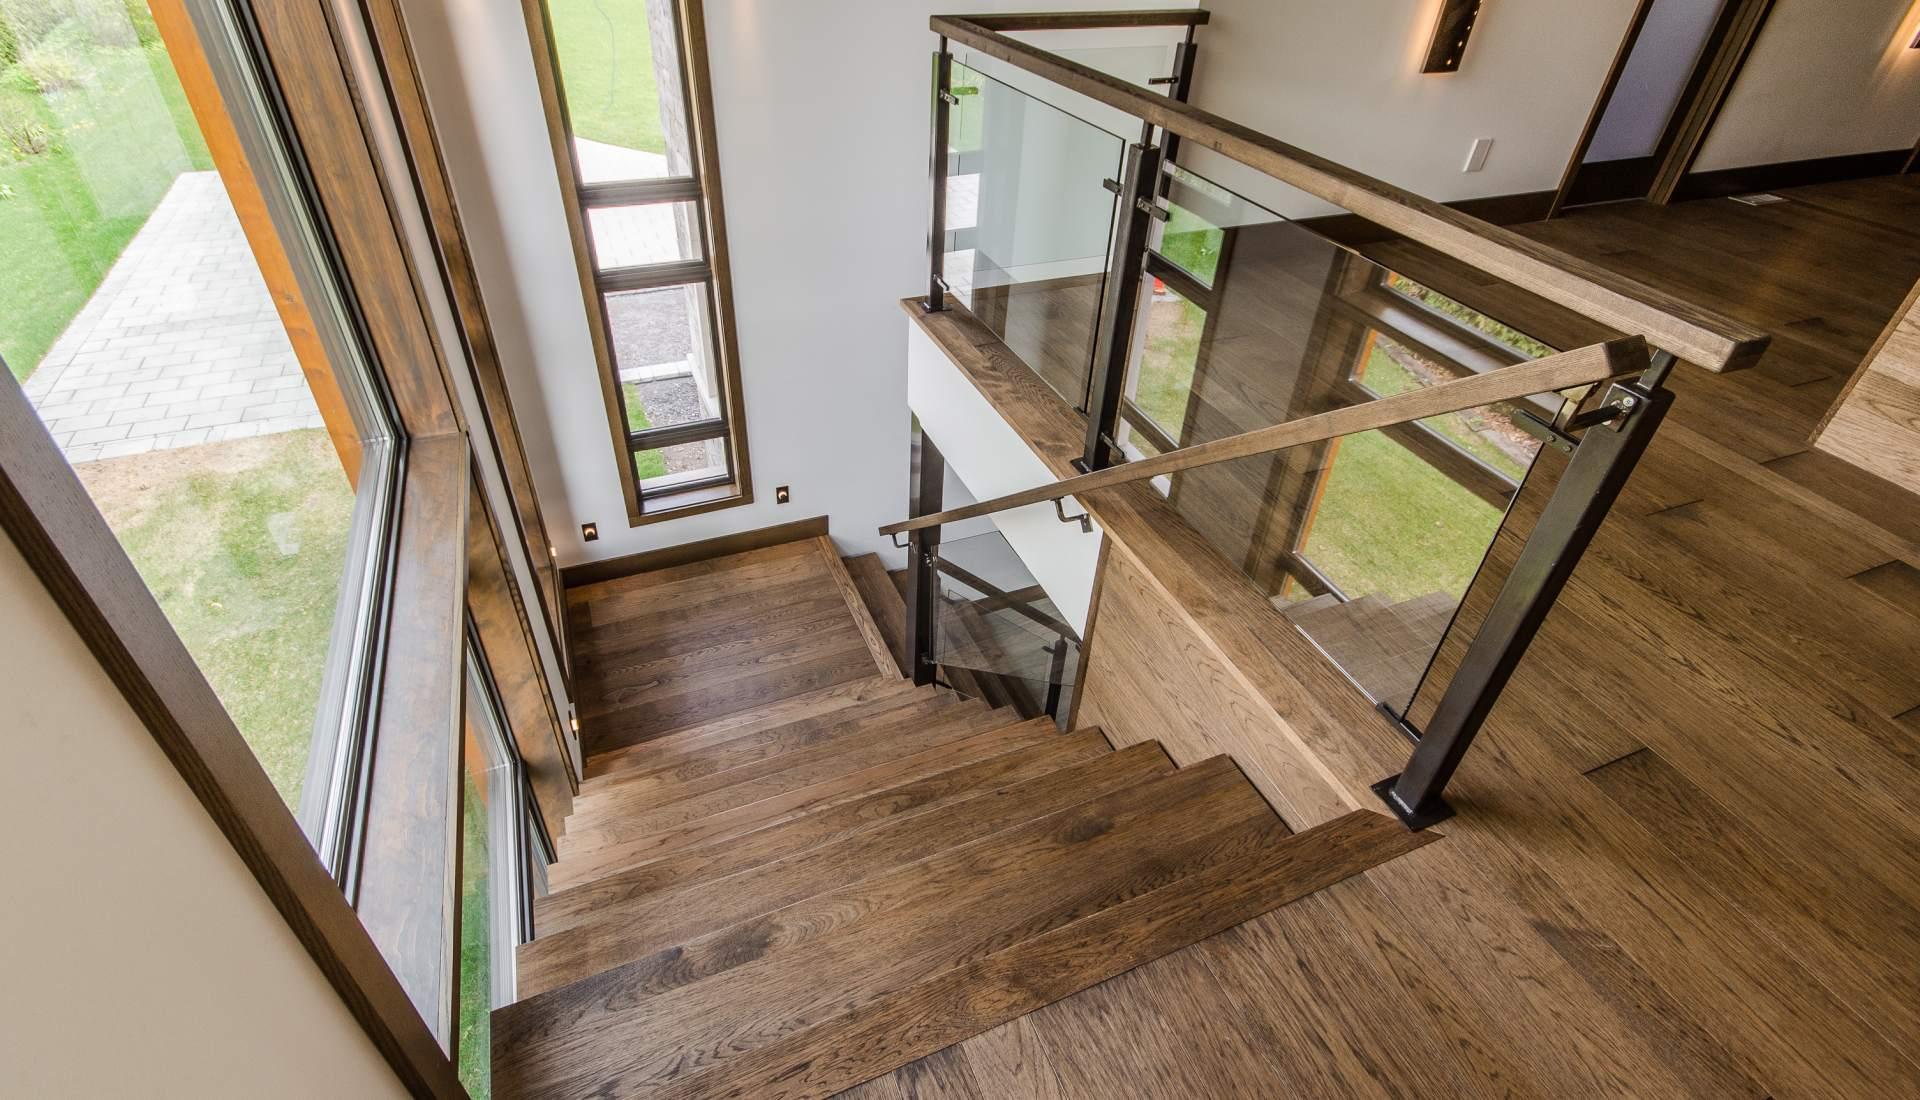 Couleur escalier bois quelle couleur pour un escalier en bois on decoration - Couleur escalier bois ...